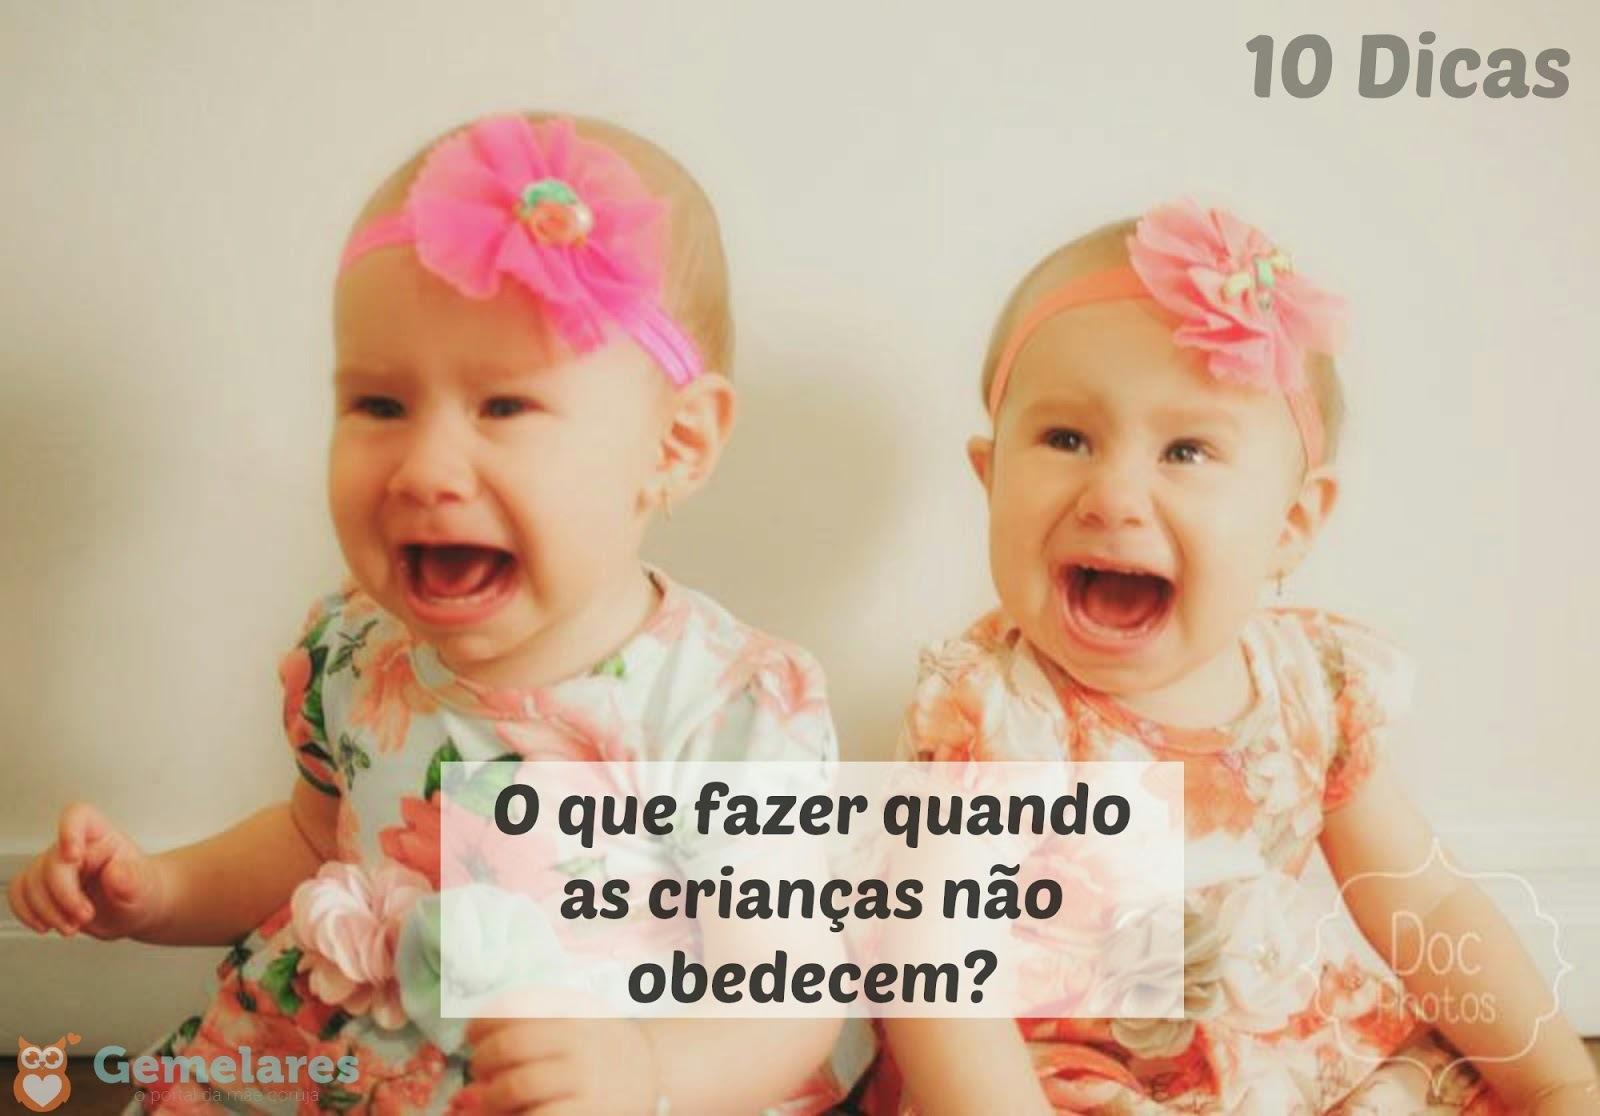 O que fazer quando as crianças não obedecem? - 10 Dicas